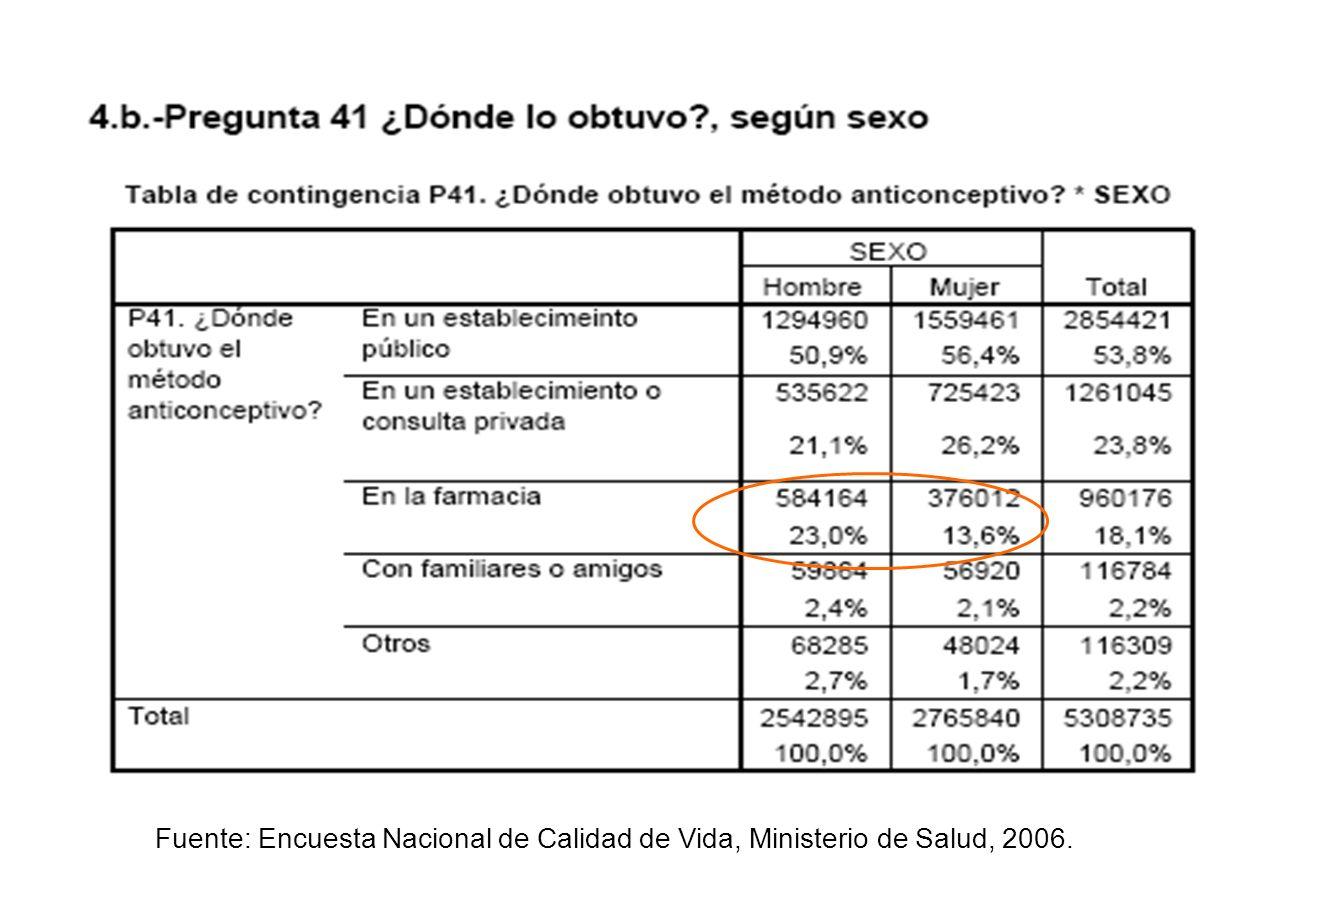 Fuente: Encuesta Nacional de Calidad de Vida, Ministerio de Salud, 2006.